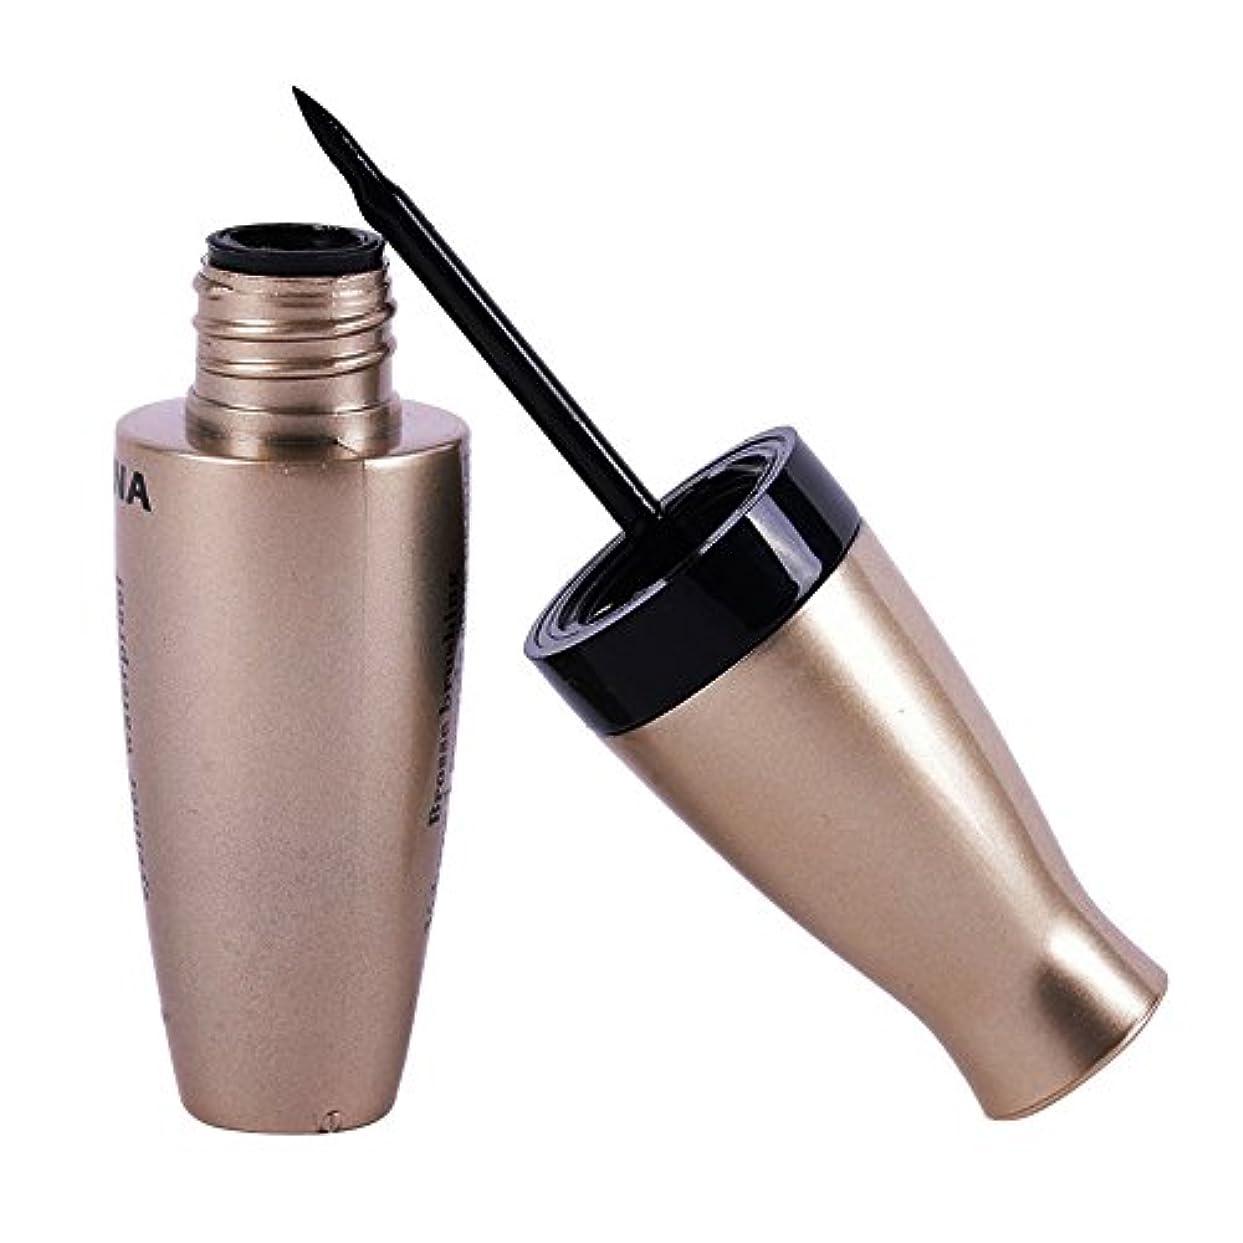 有限保証若い新しいアイライナー防水リキッドアイライナーペンシルペンメイクアップ美容化粧品